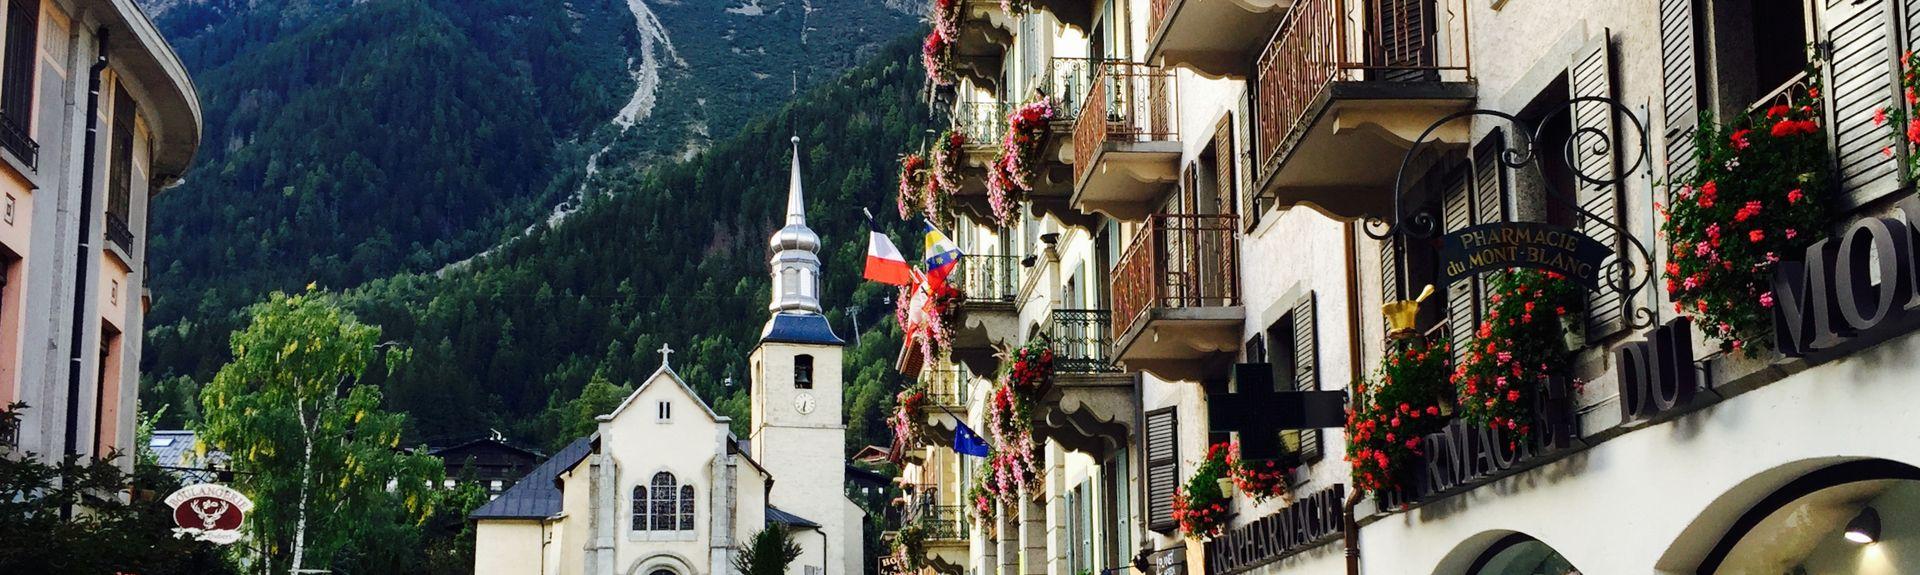 Chamonix-Mont-Blanc, Haute-Savoie (department), France